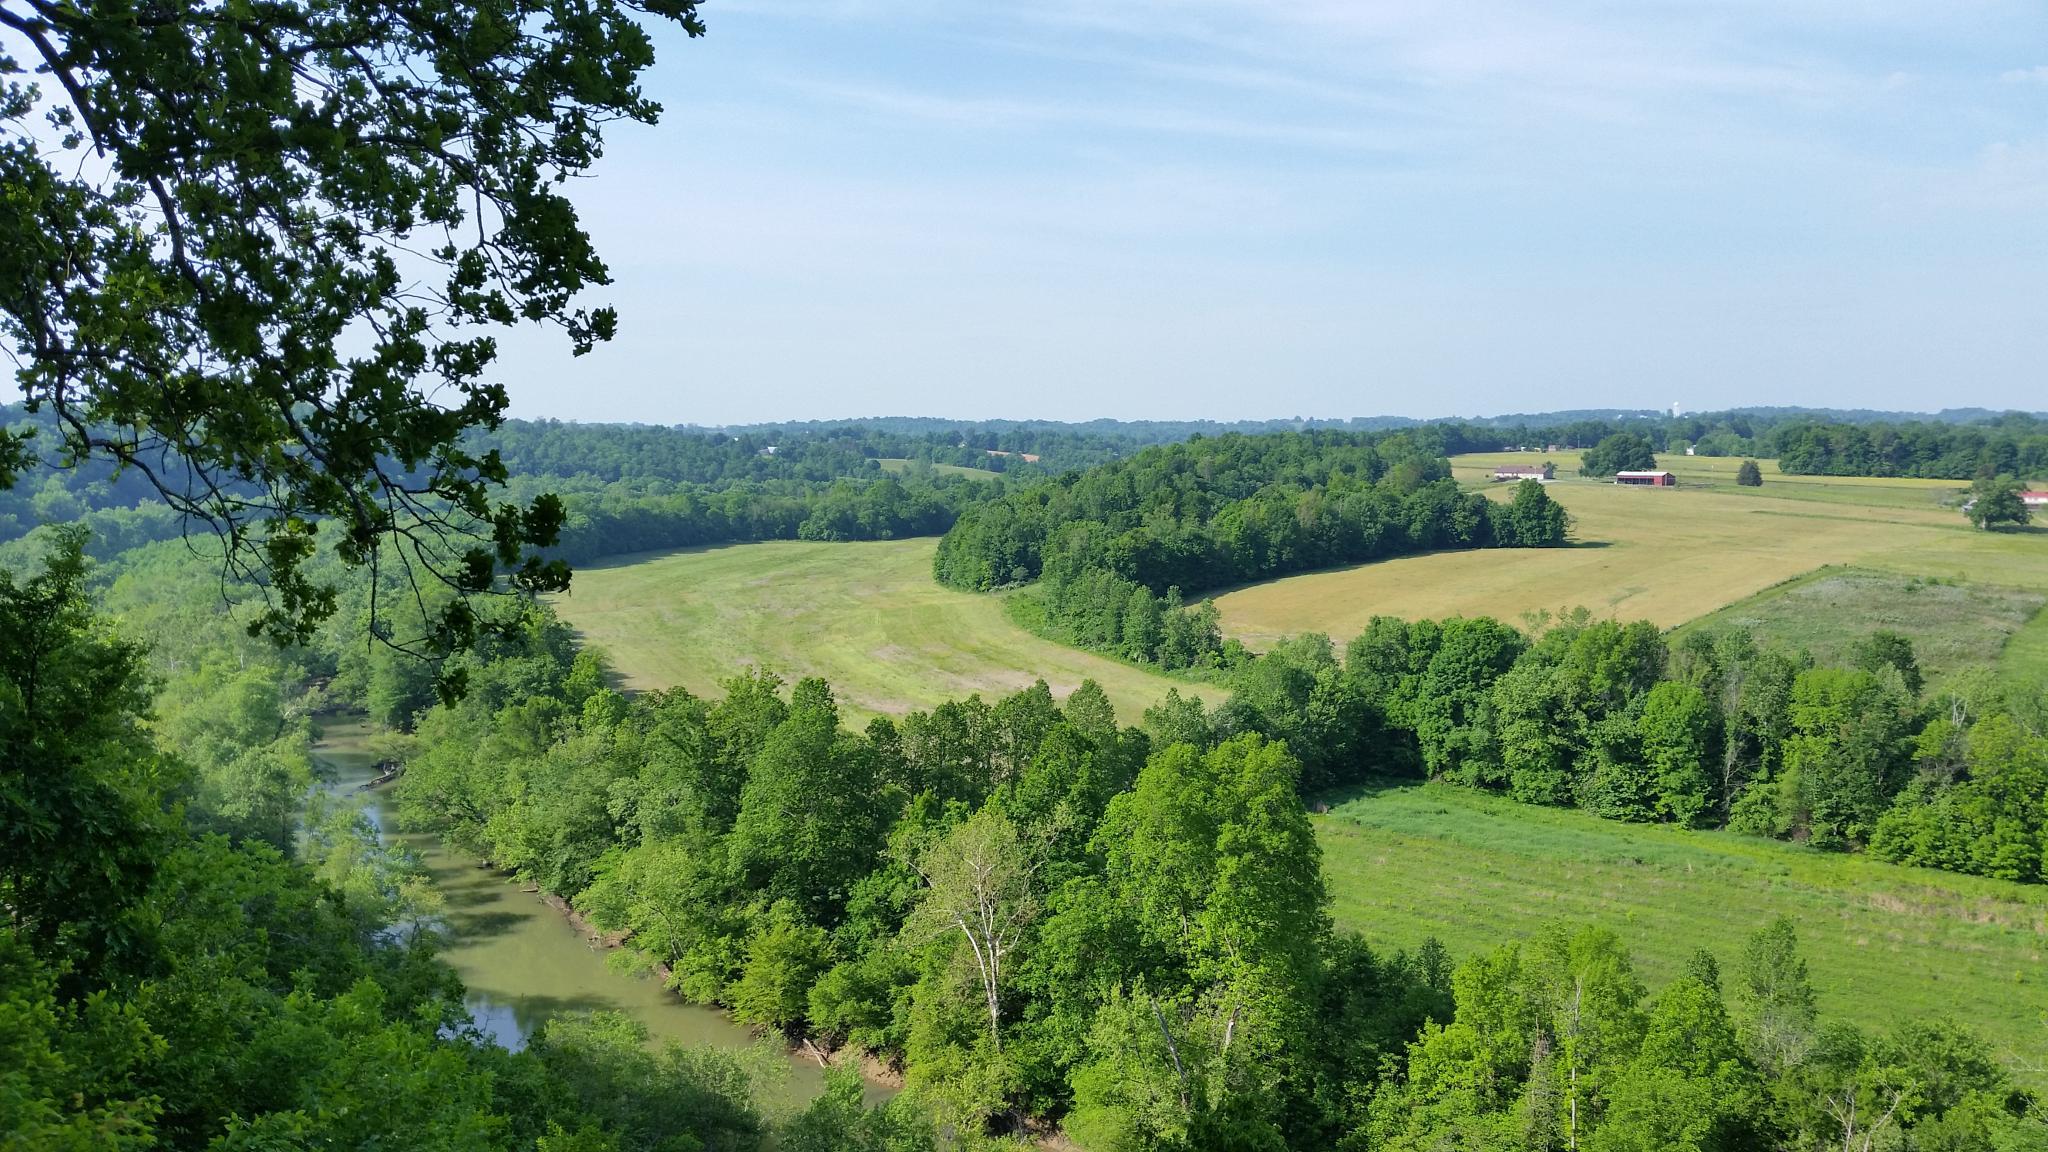 Green River Lake Stream - Campbellsville, Kentucky by Quentin den Braber